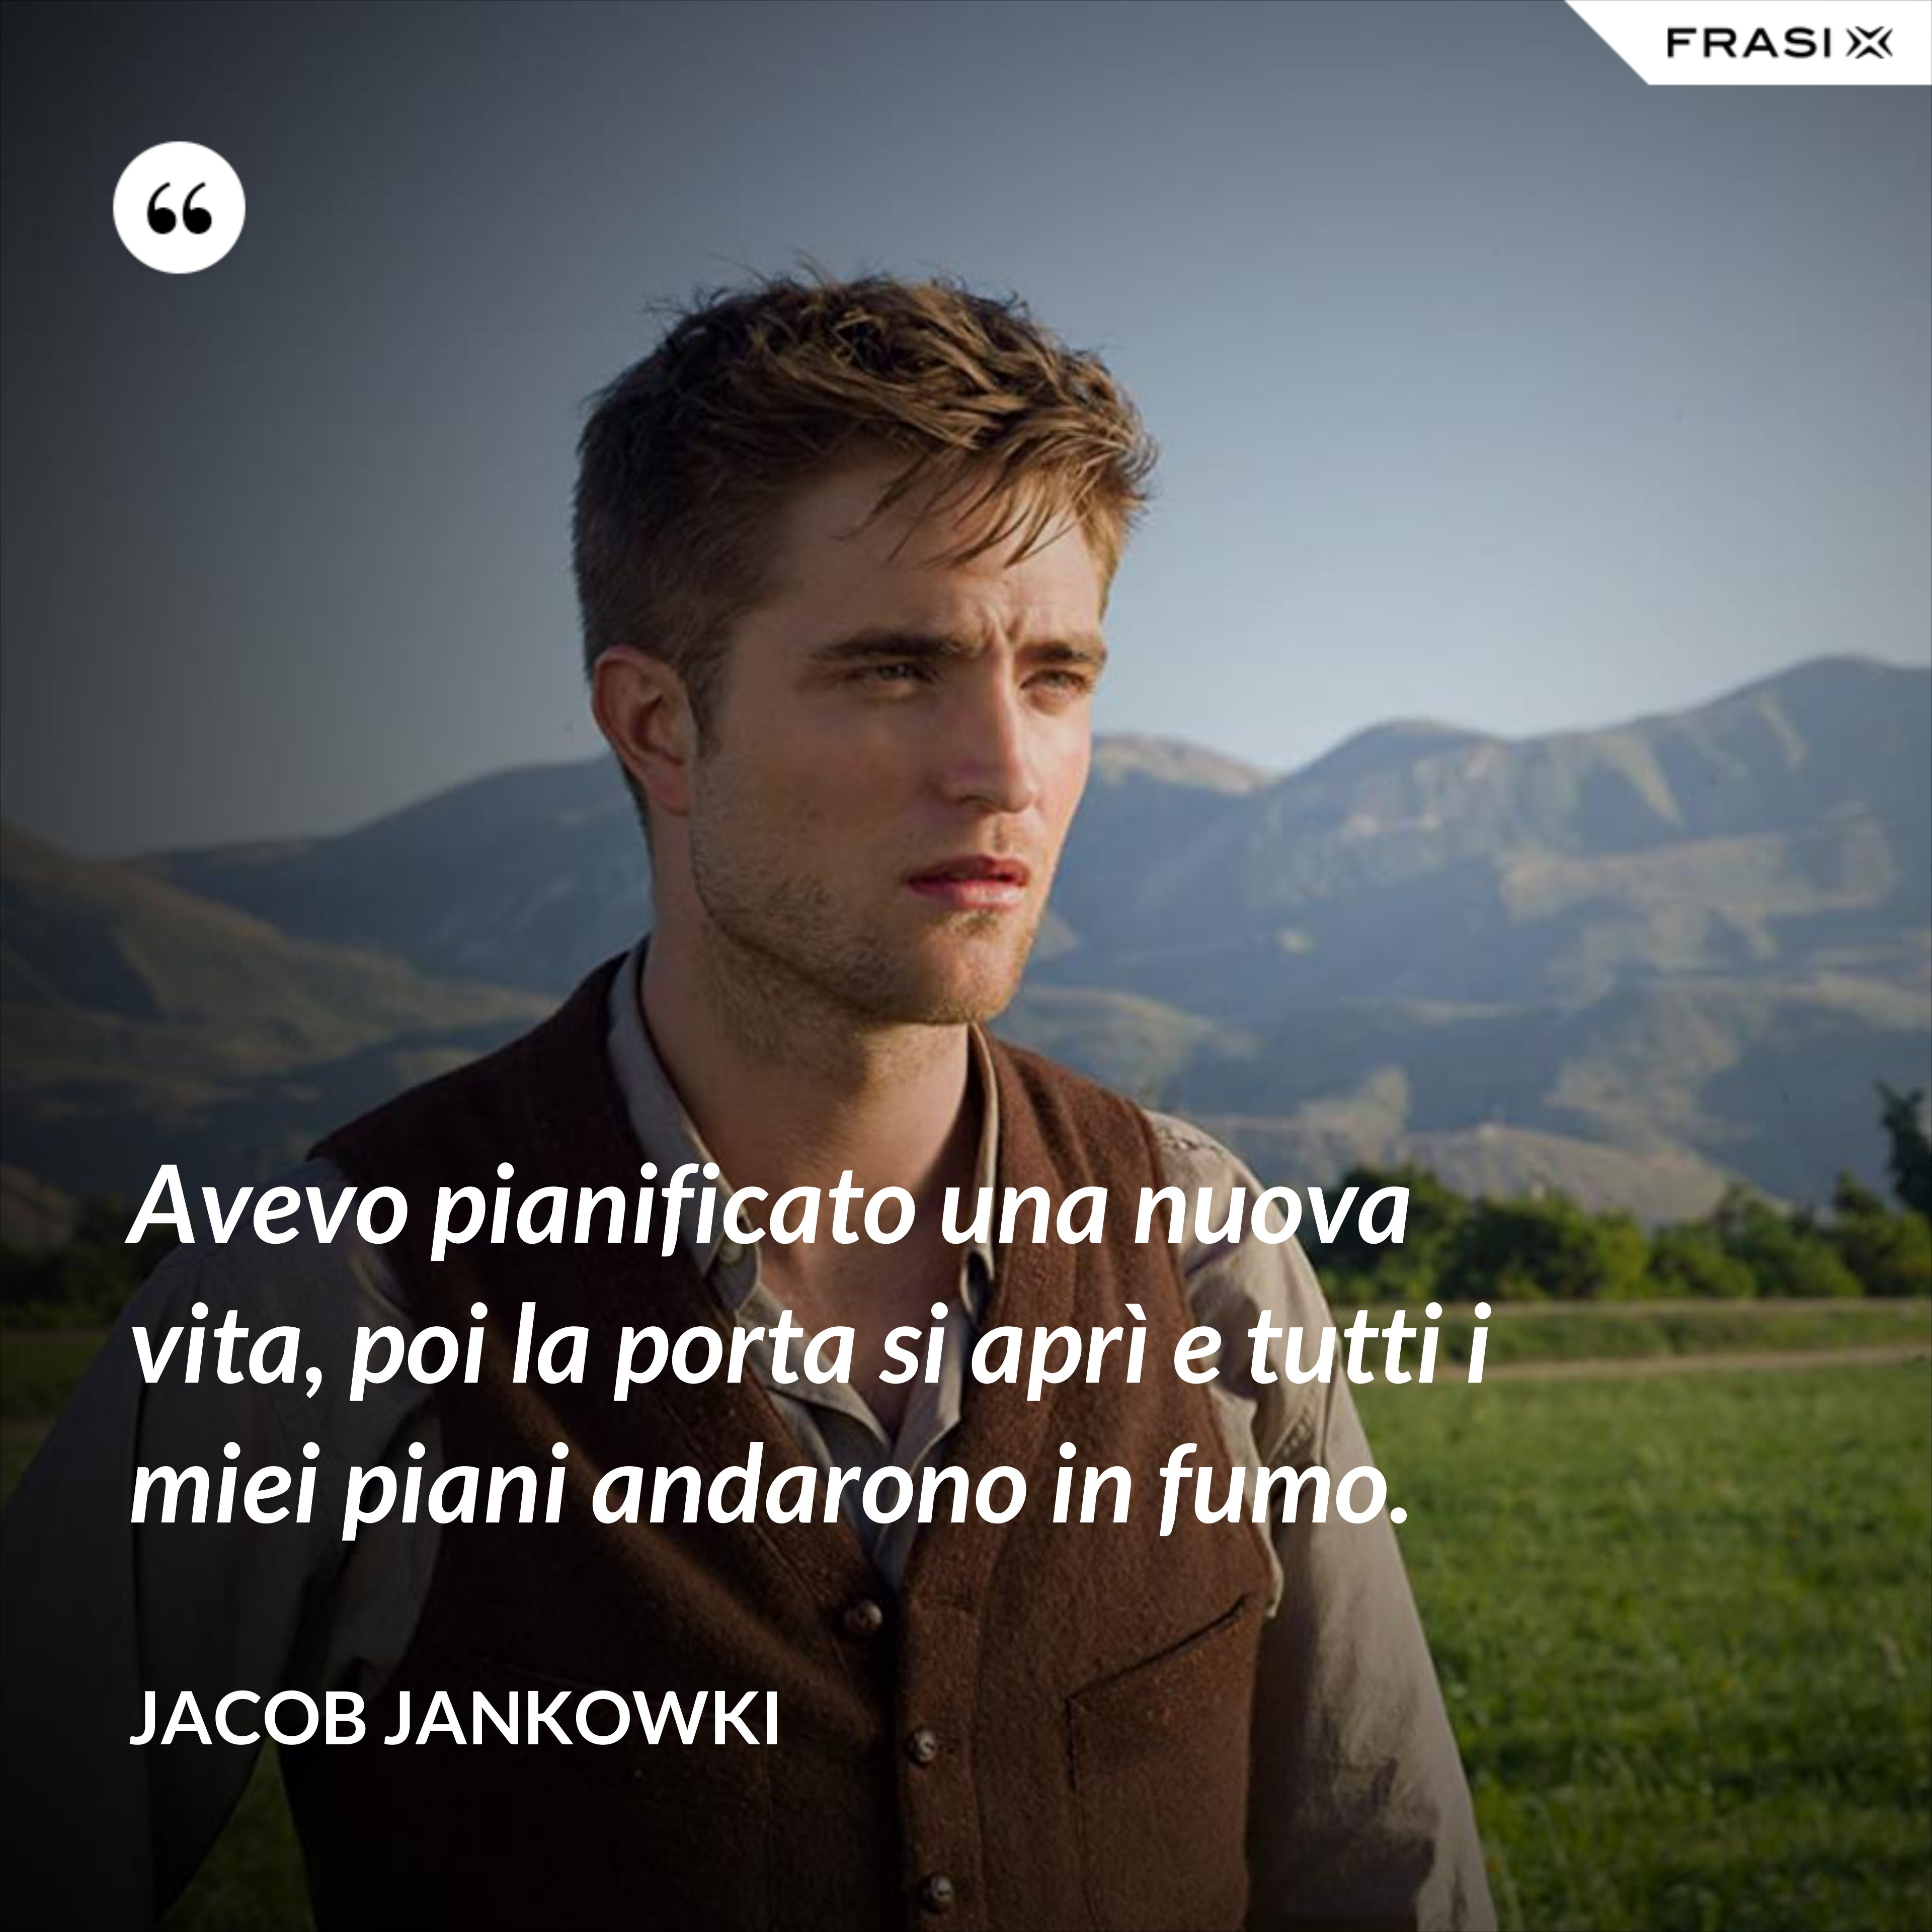 Avevo pianificato una nuova vita, poi la porta si aprì e tutti i miei piani andarono in fumo. - Jacob Jankowki